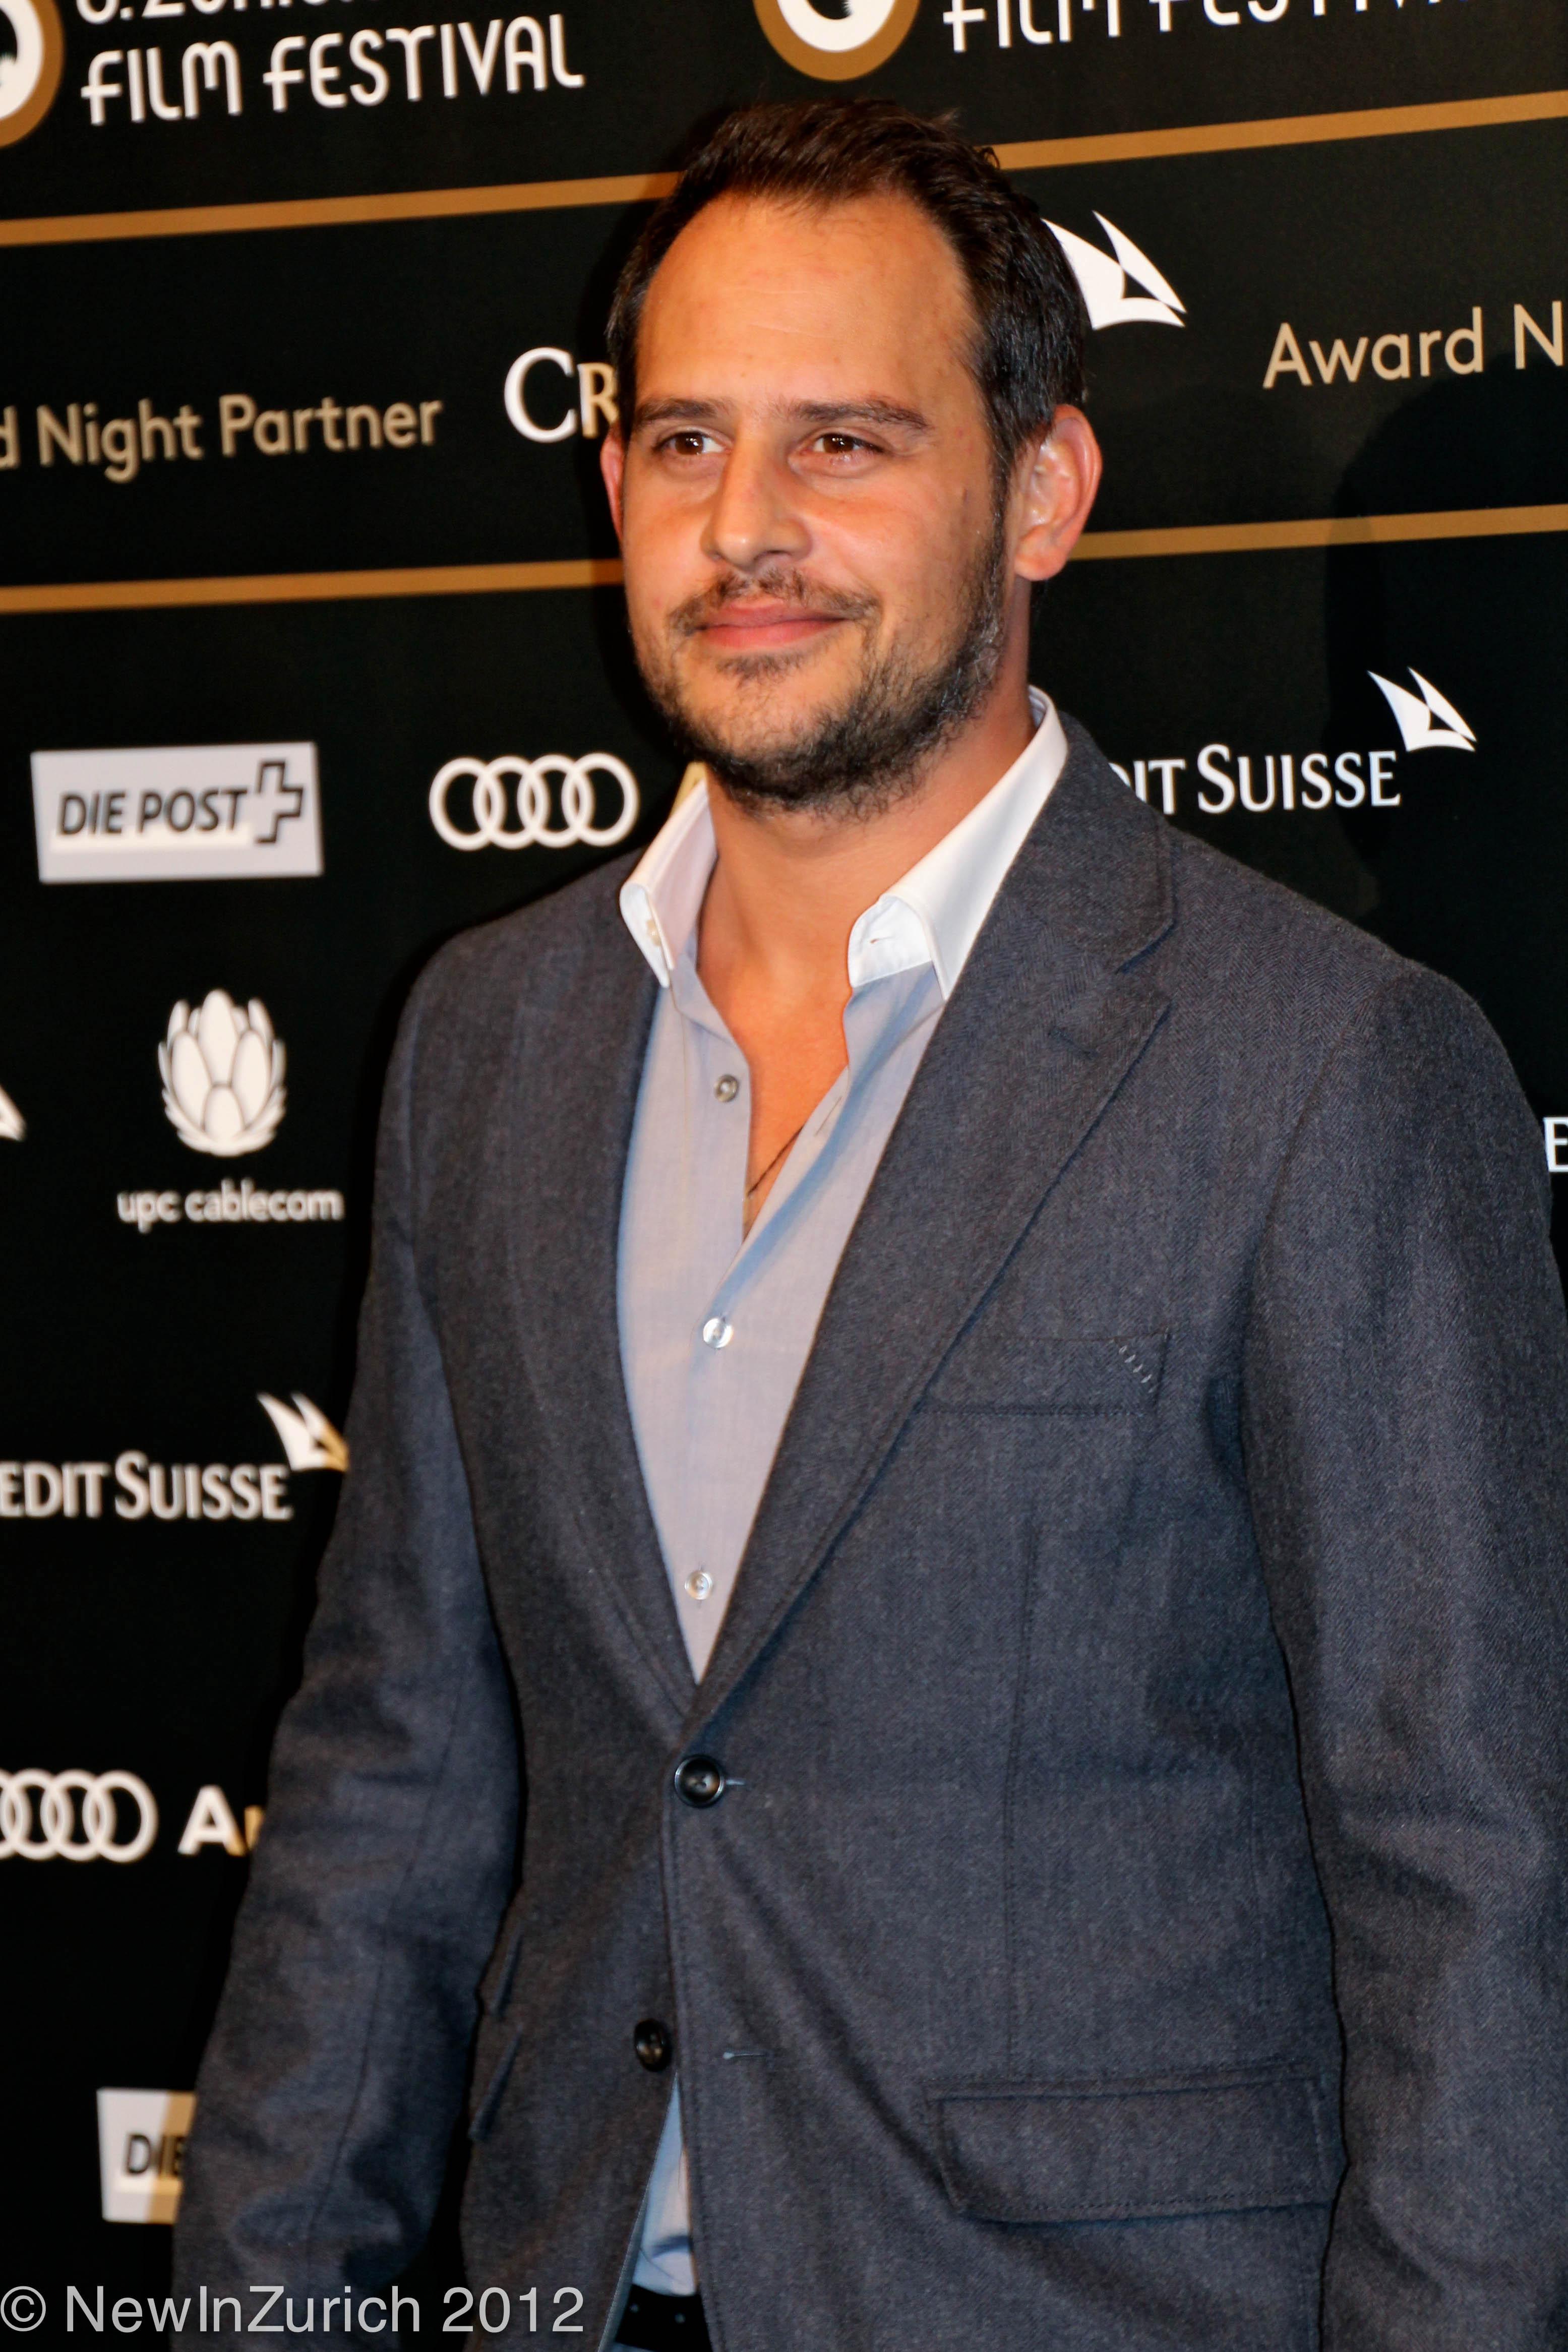 Moritz Bleibtreu, Zurich Film Festival 2012 © NewInZurich